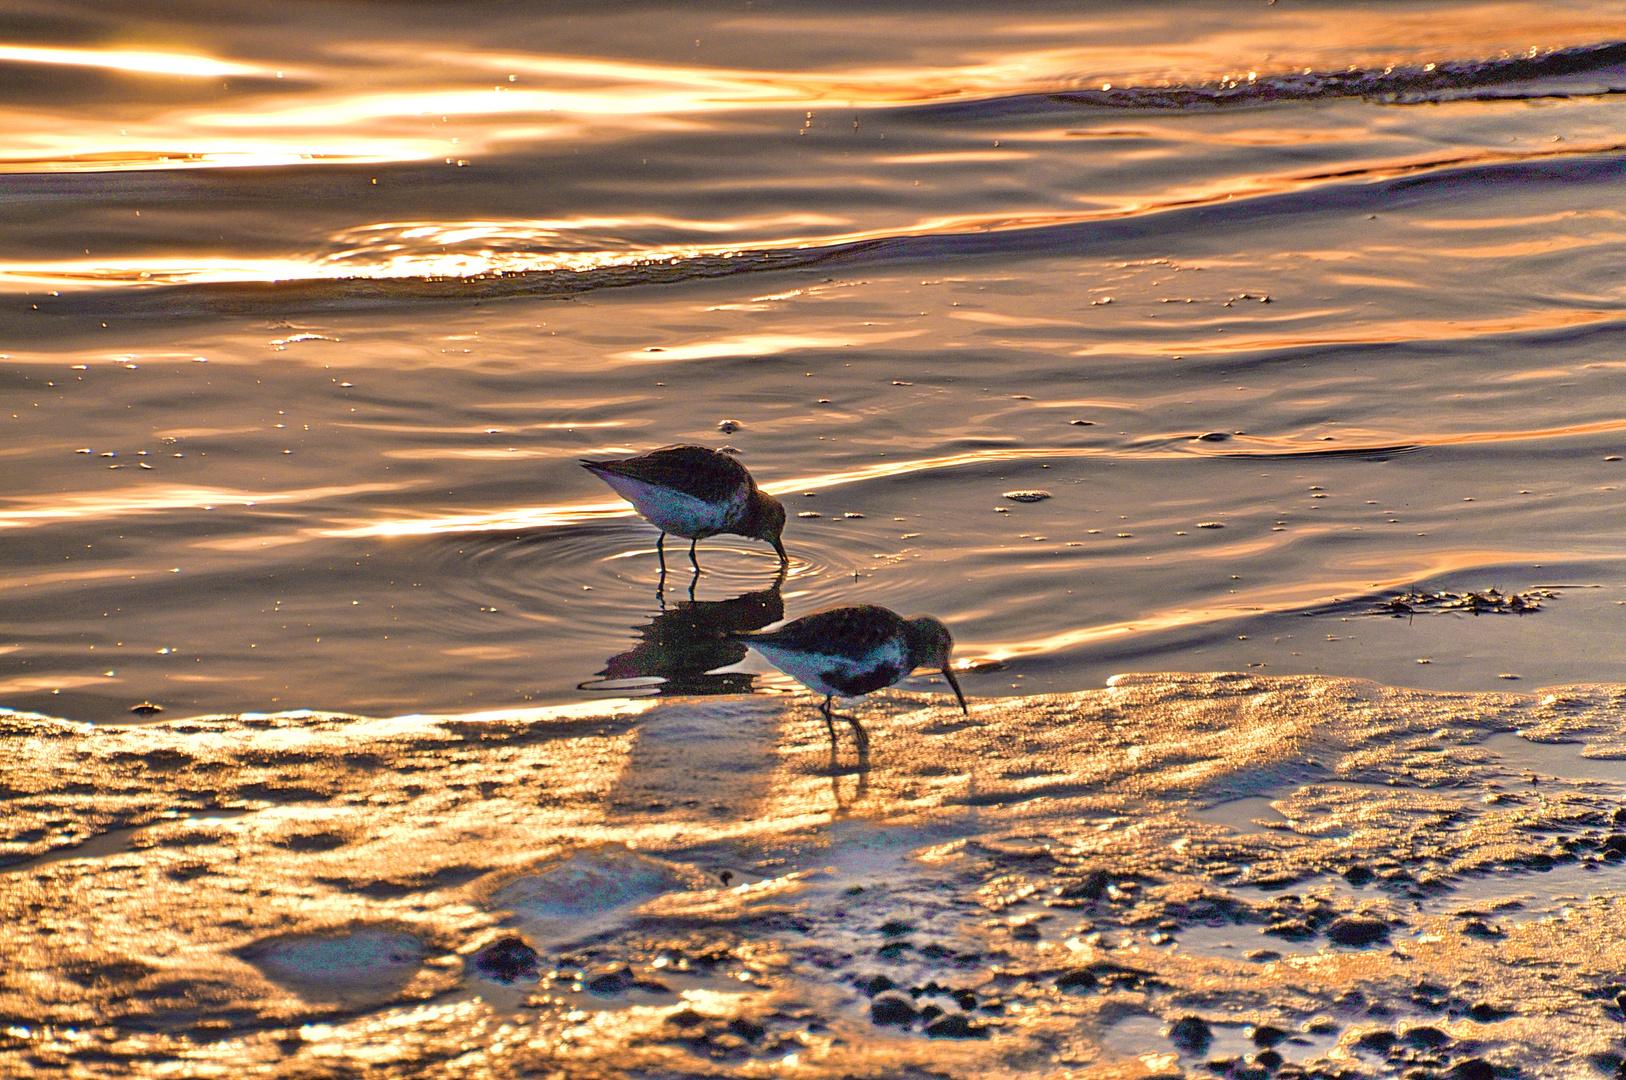 Frühaufsteher- Der frühe Vogel fängt den Wurm